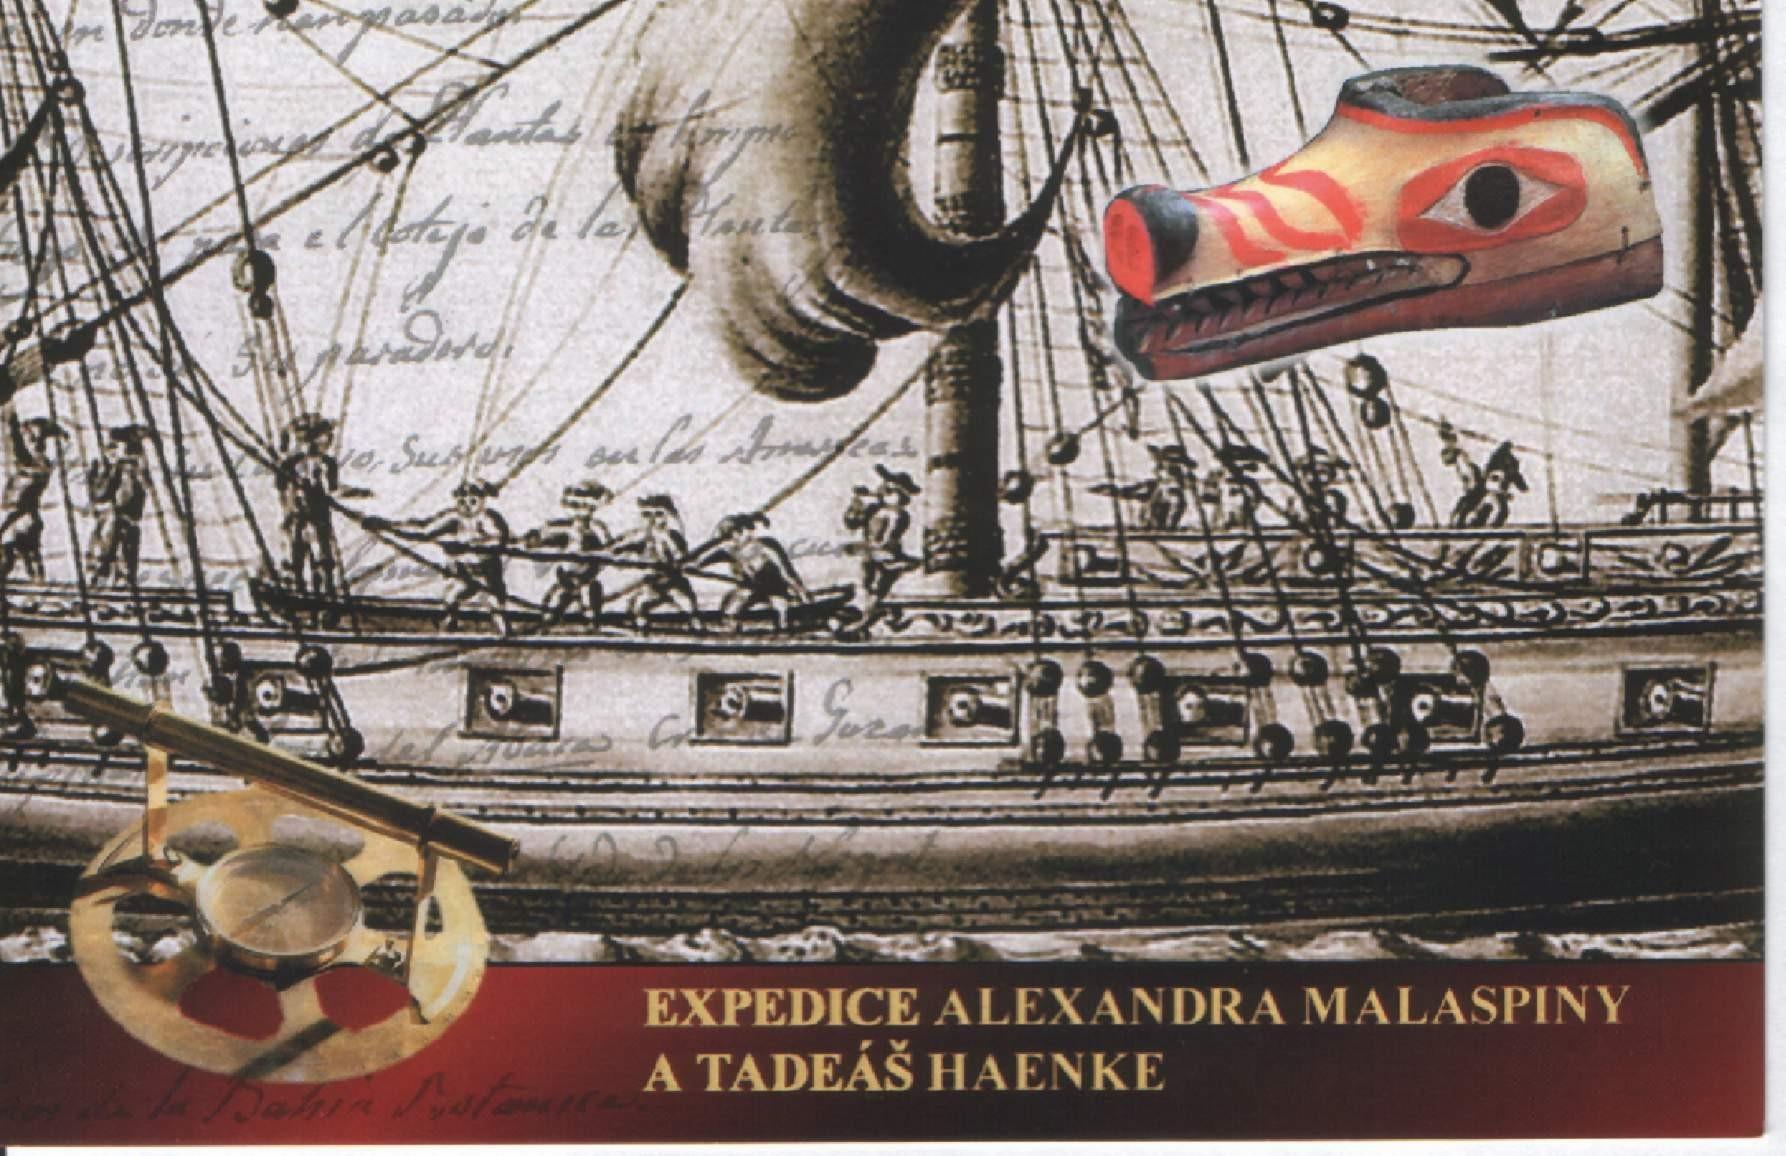 Expedice Alexandra Malaspiny